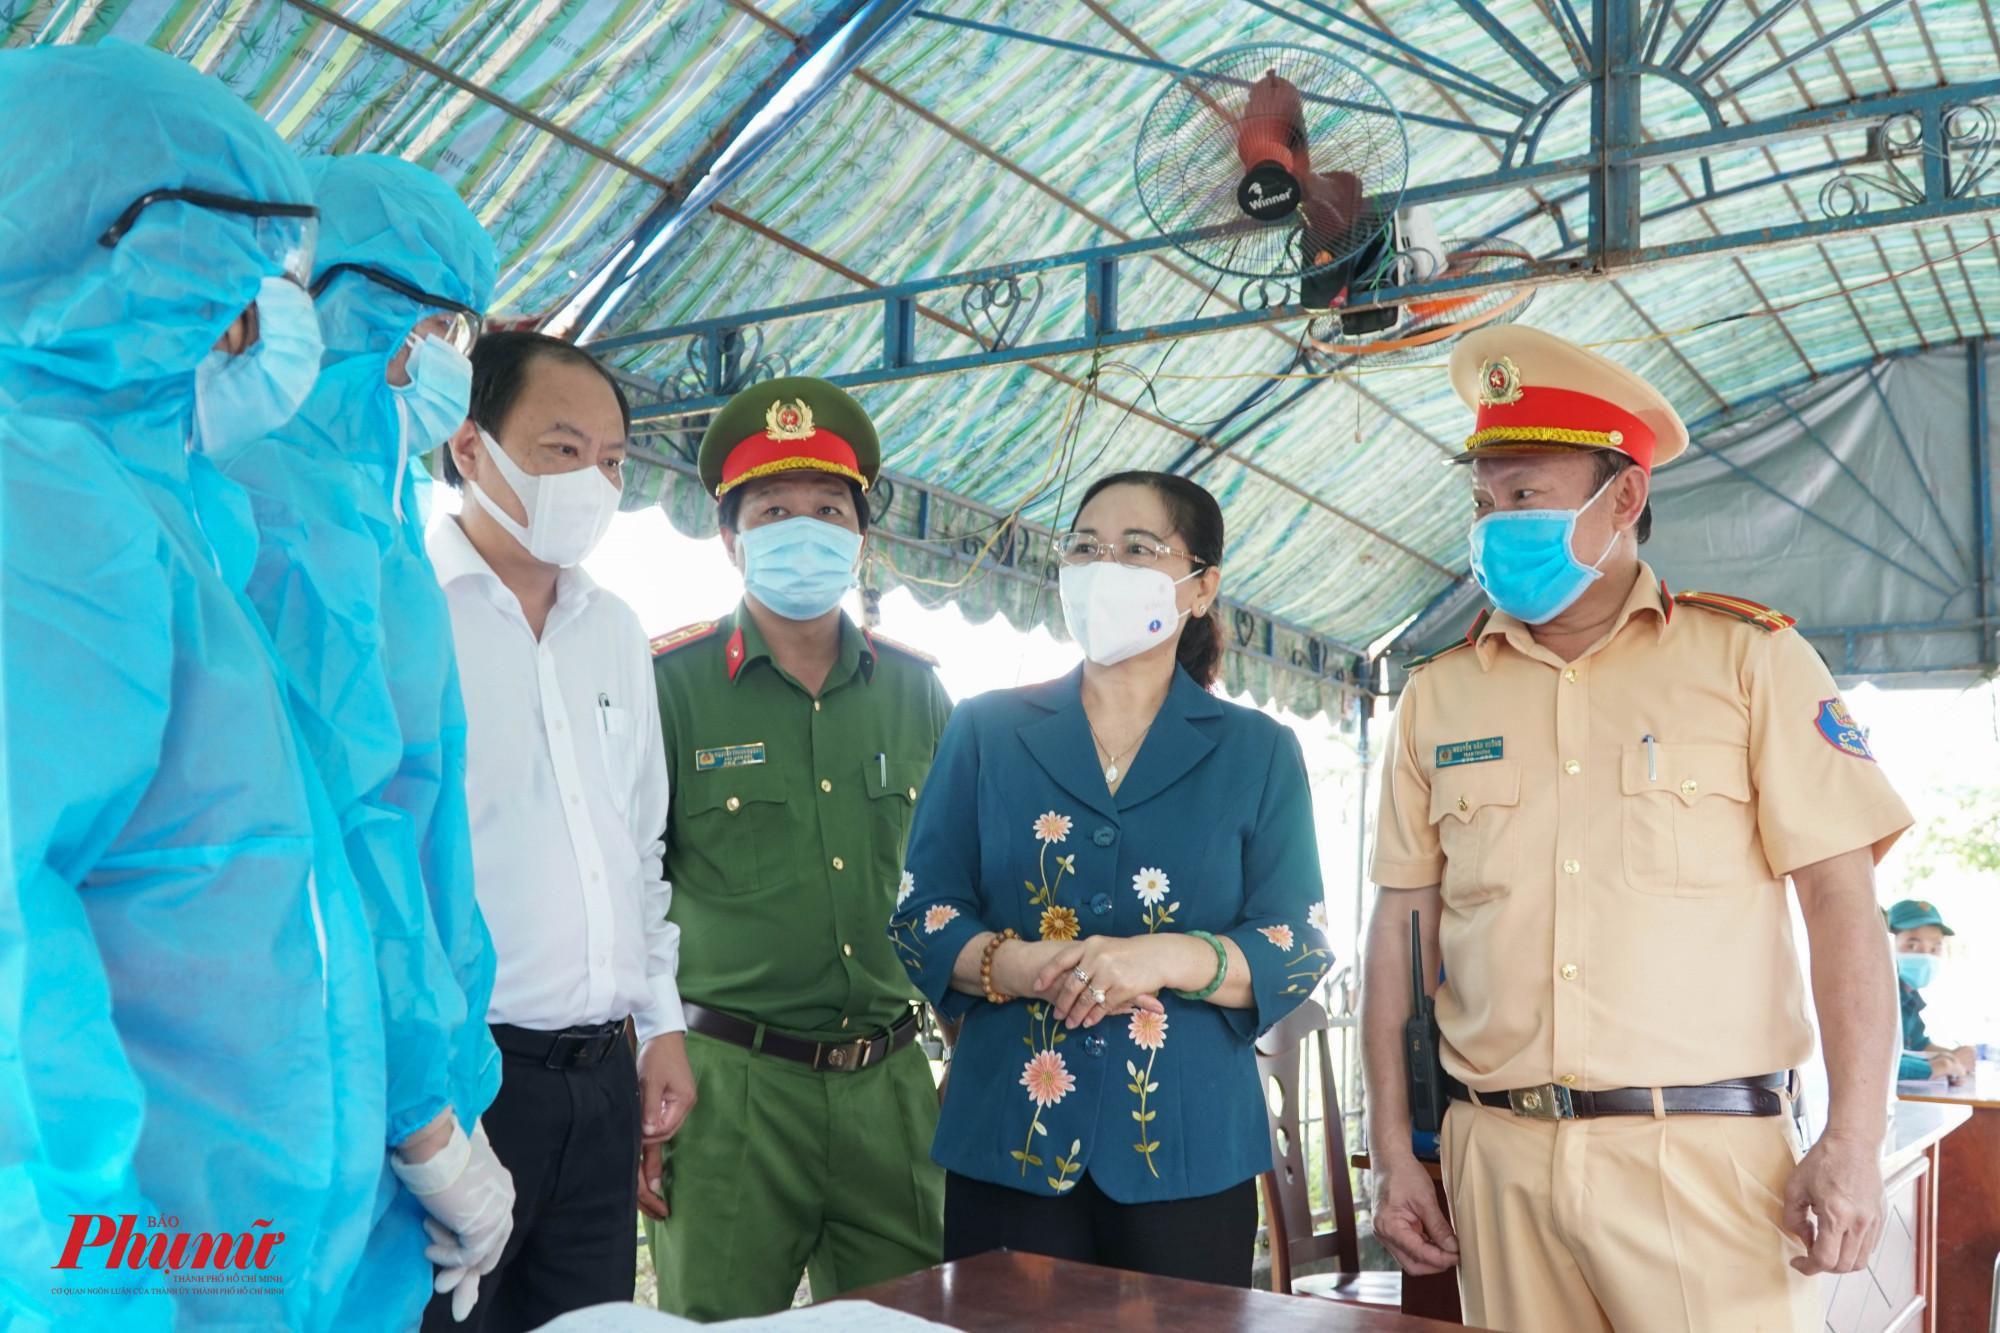 Đoàn công tác do bà Nguyễn Thị Lệ - Phó Bí thư Thành ủy, Chủ tịch HĐND Thành phố thăm hỏi, động viên